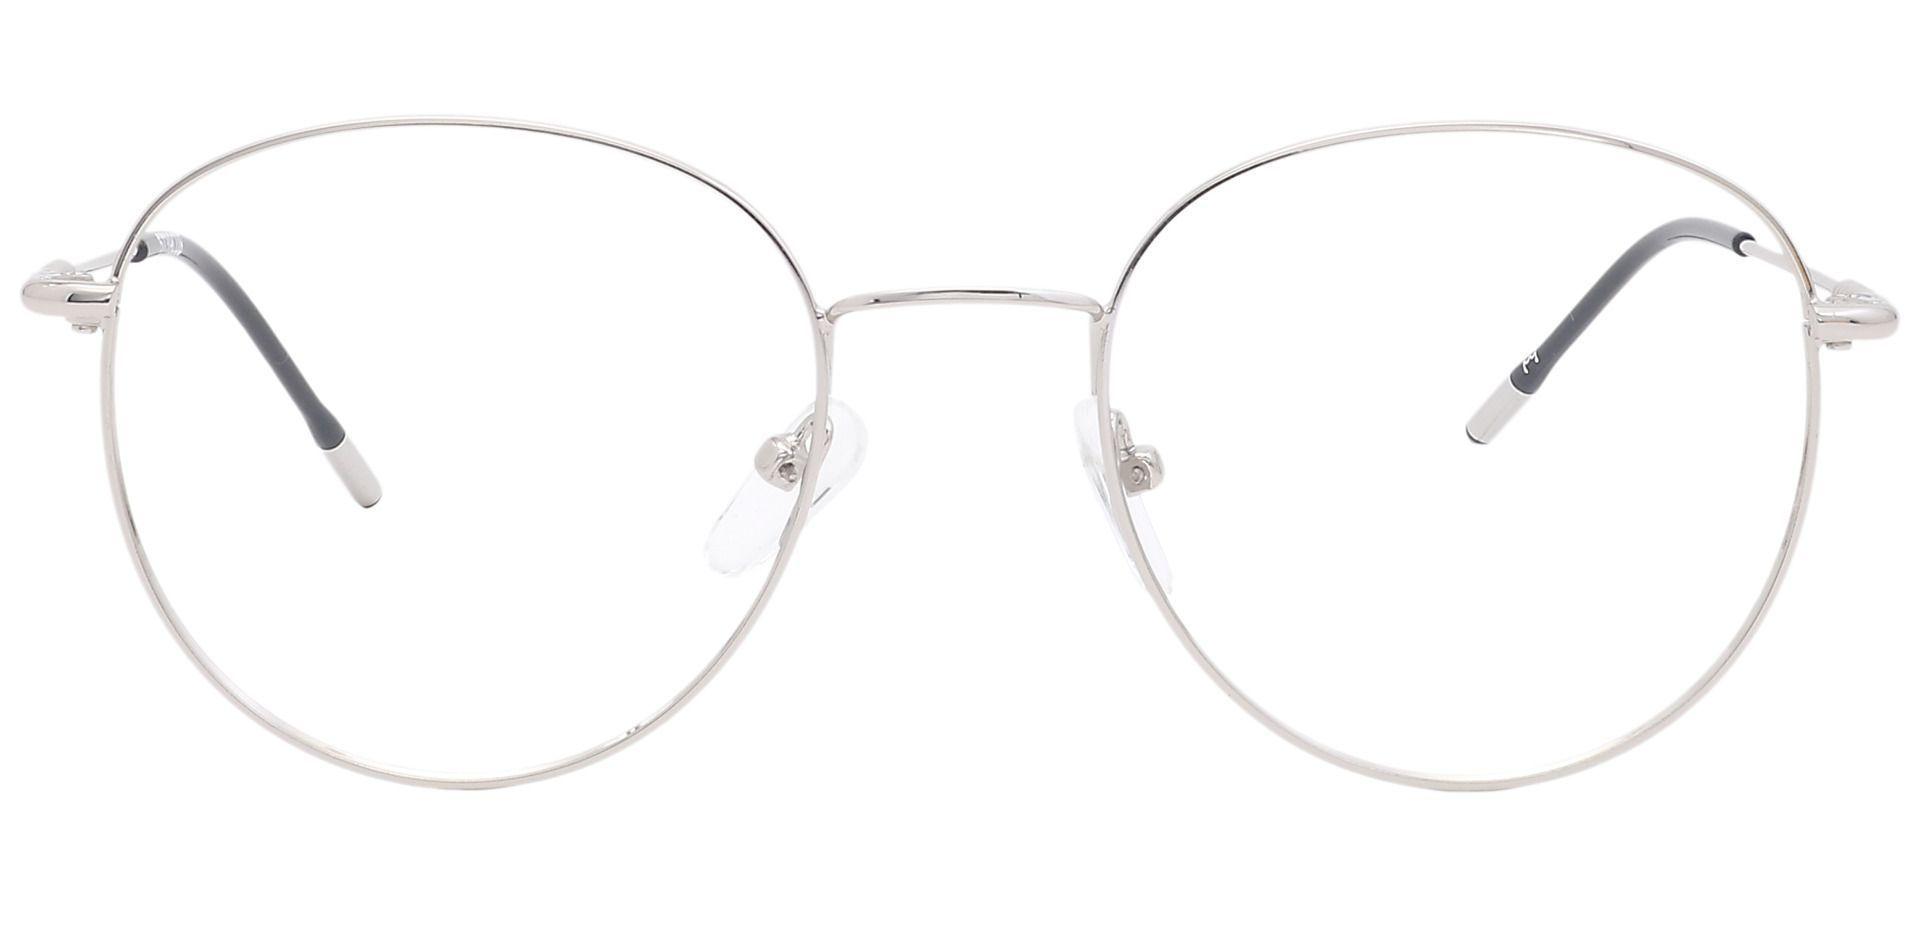 Keaton Oval Eyeglasses Frame - Gray